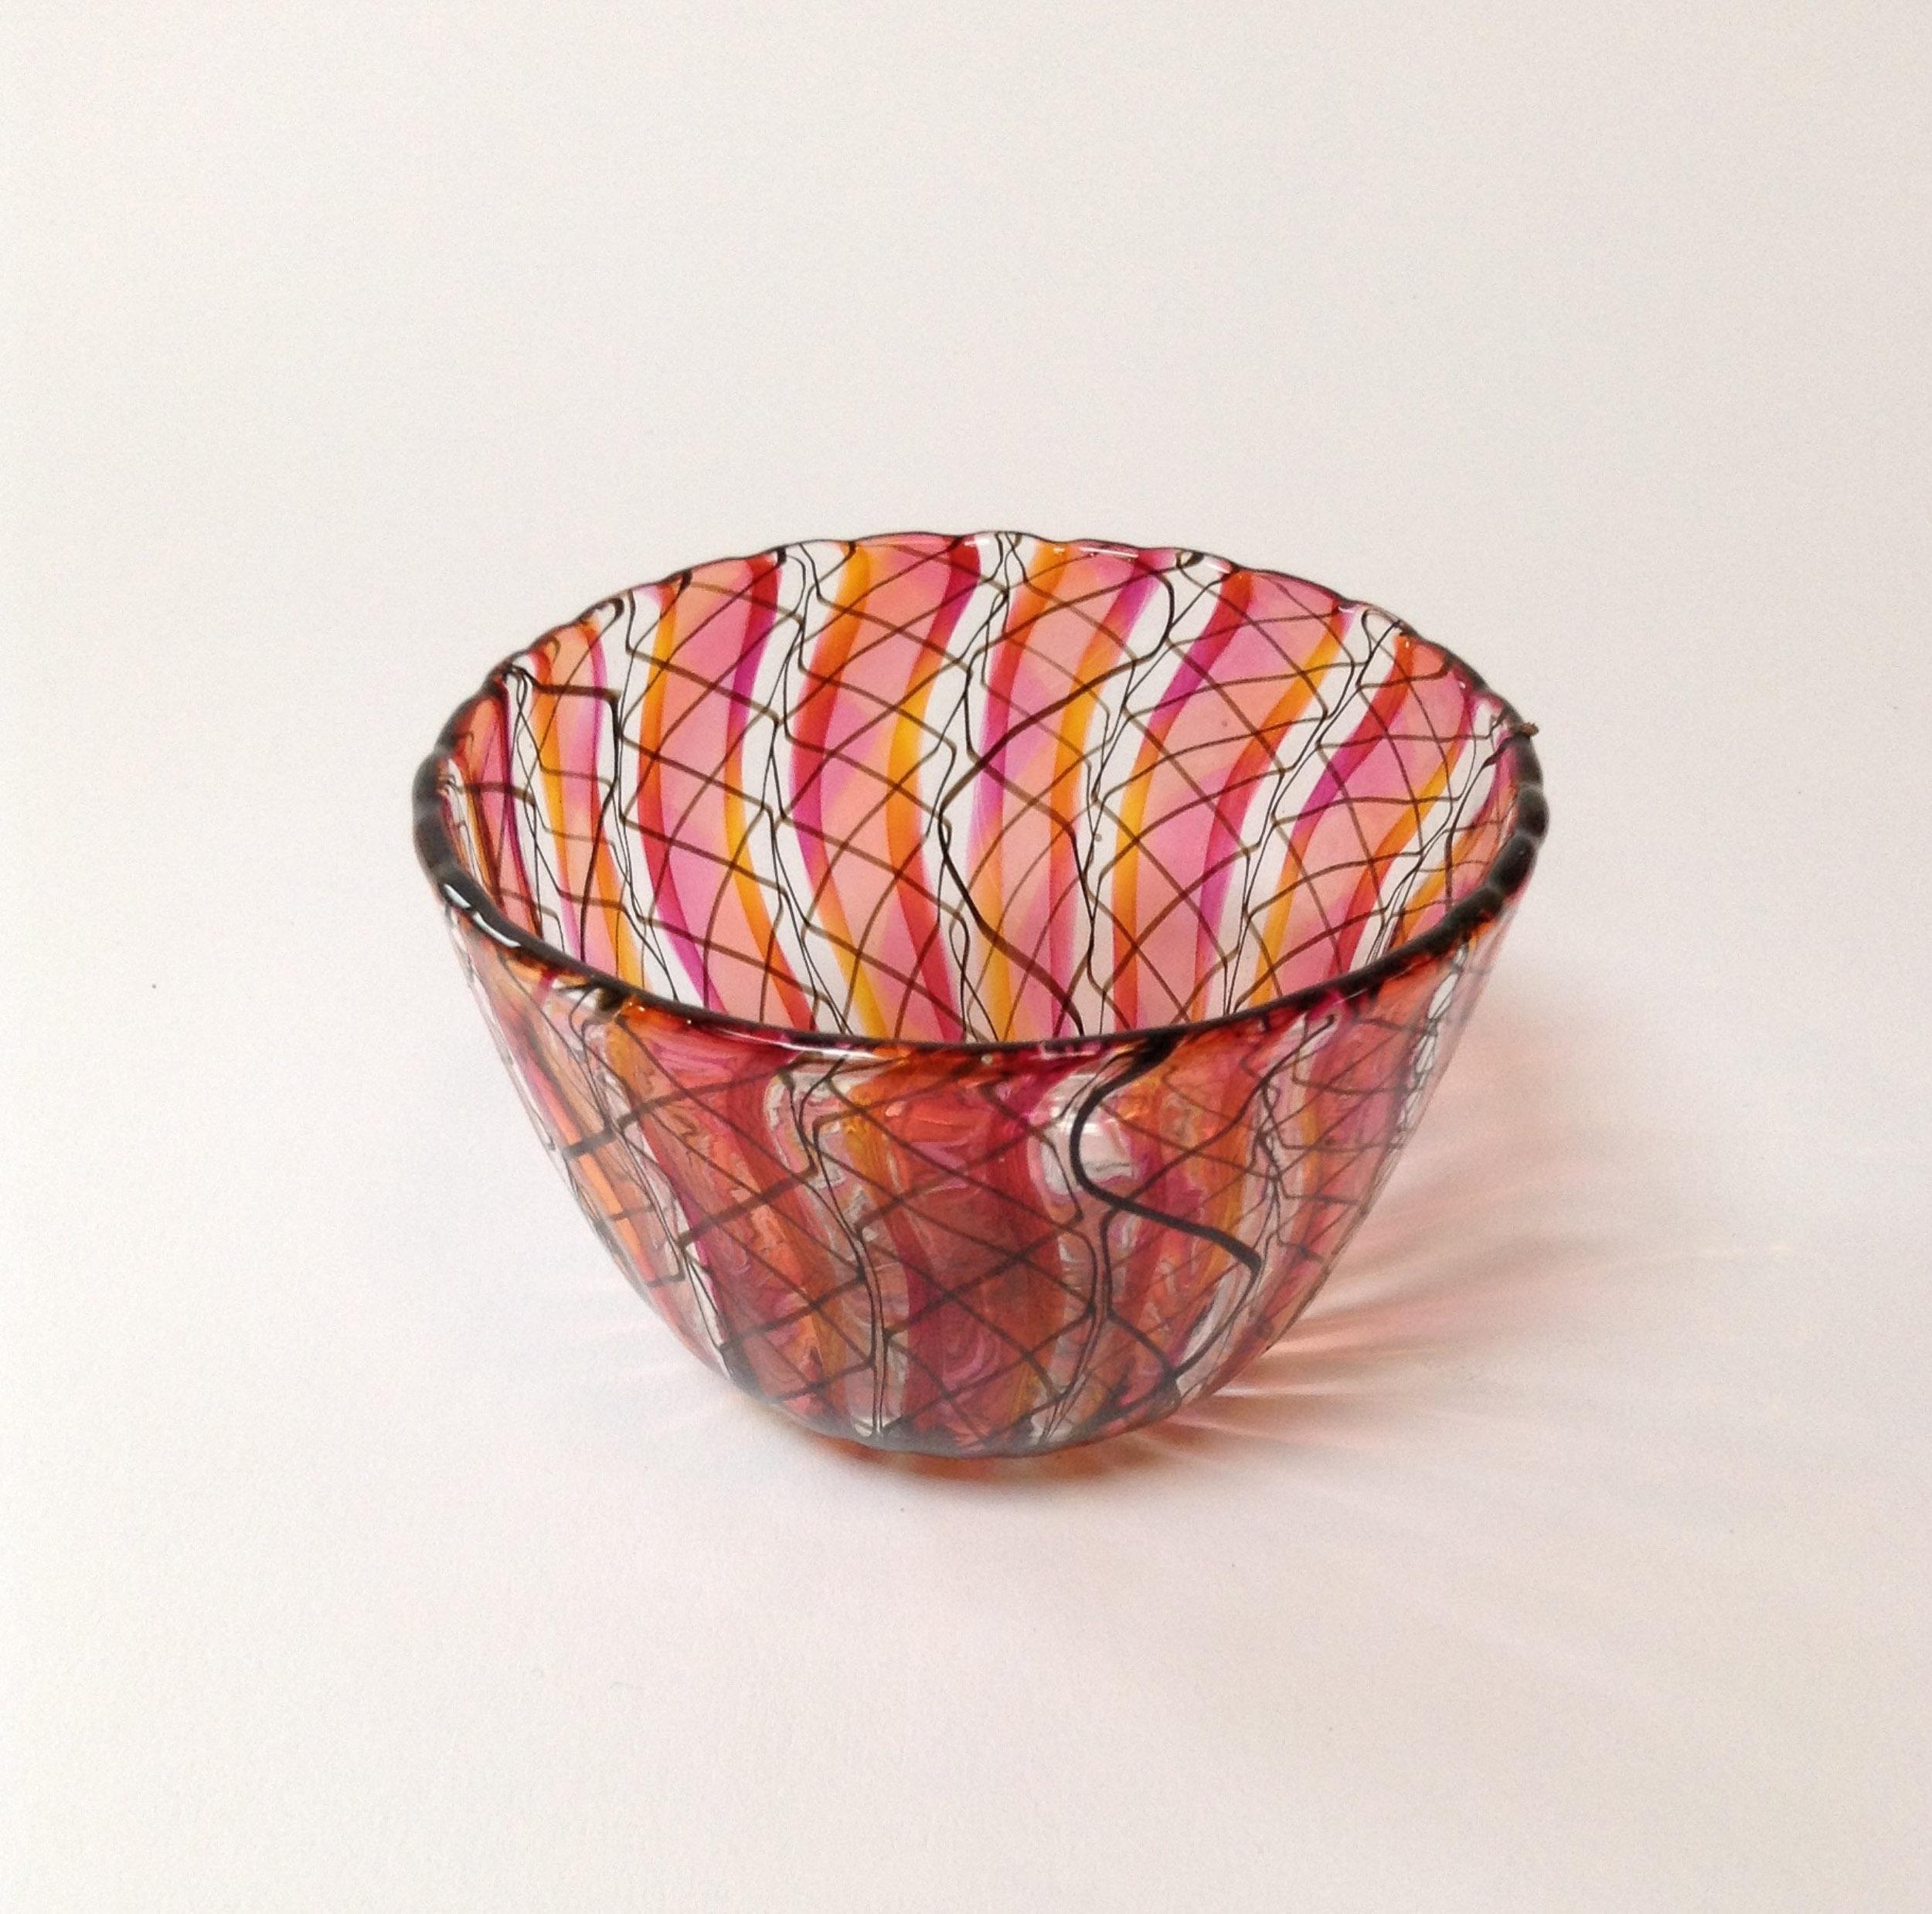 Olive-Glass_Italian-Art-Glass_Corrie-Haight_Lark-Dalton-20170325-5.jpg